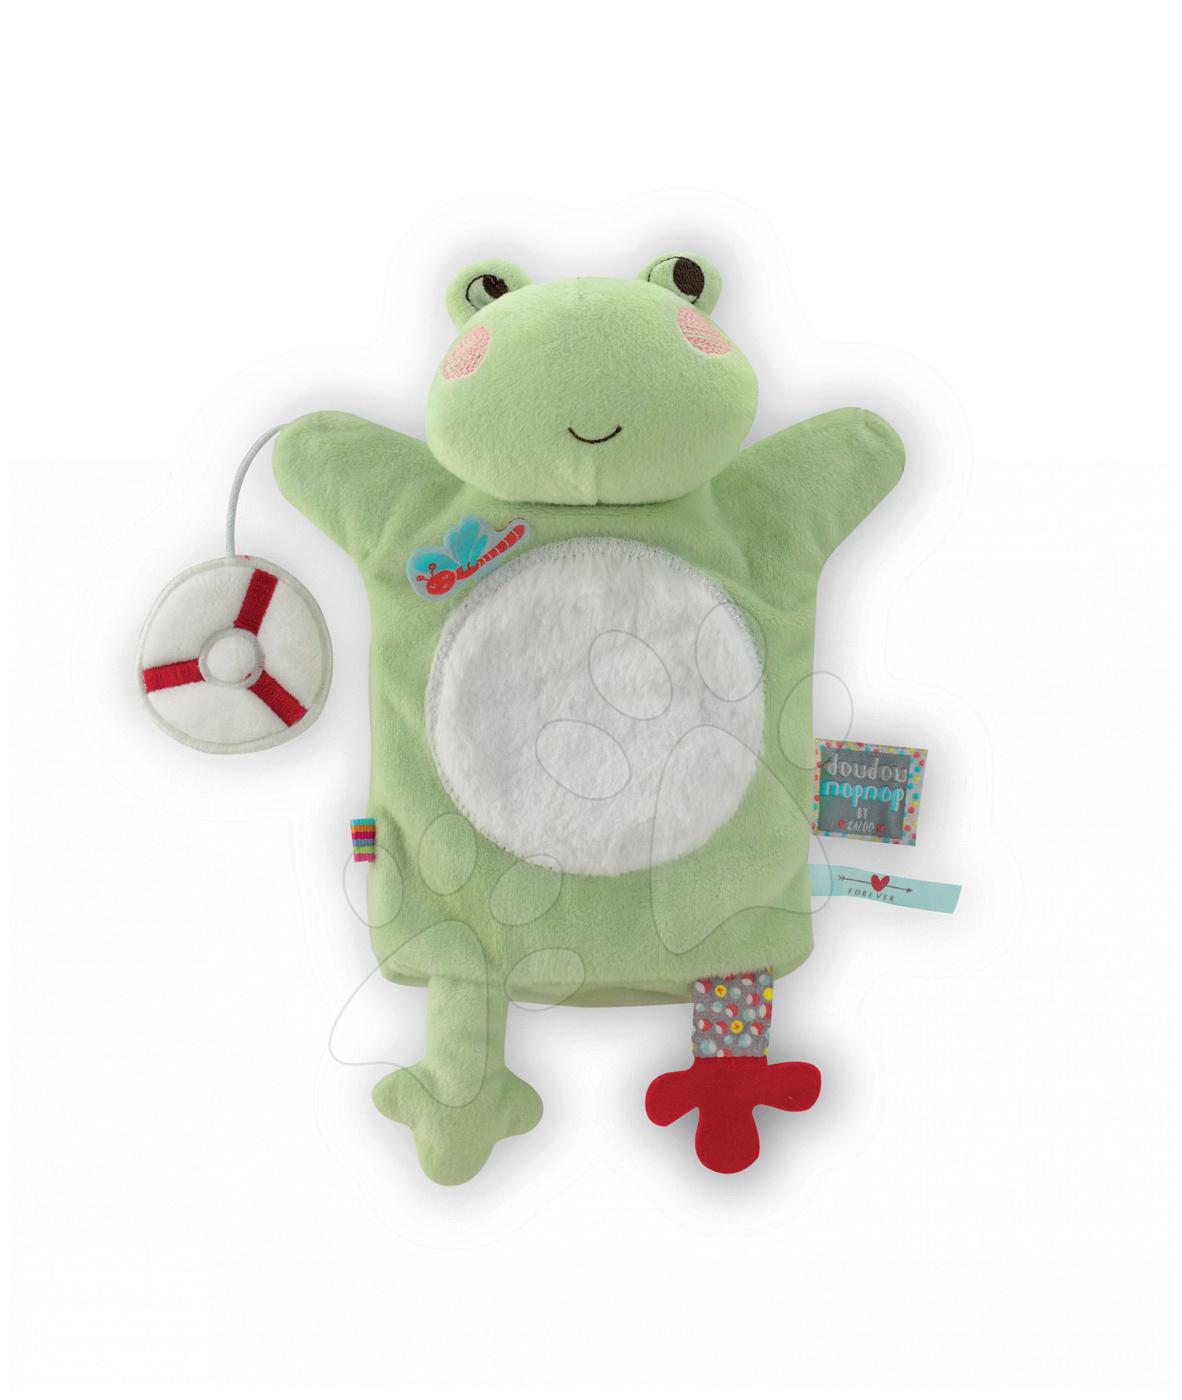 Plyšová žabka loutkové divadlo Nopnop-Bloom Frog Doudou Kaloo 25 cm pro nejmenší